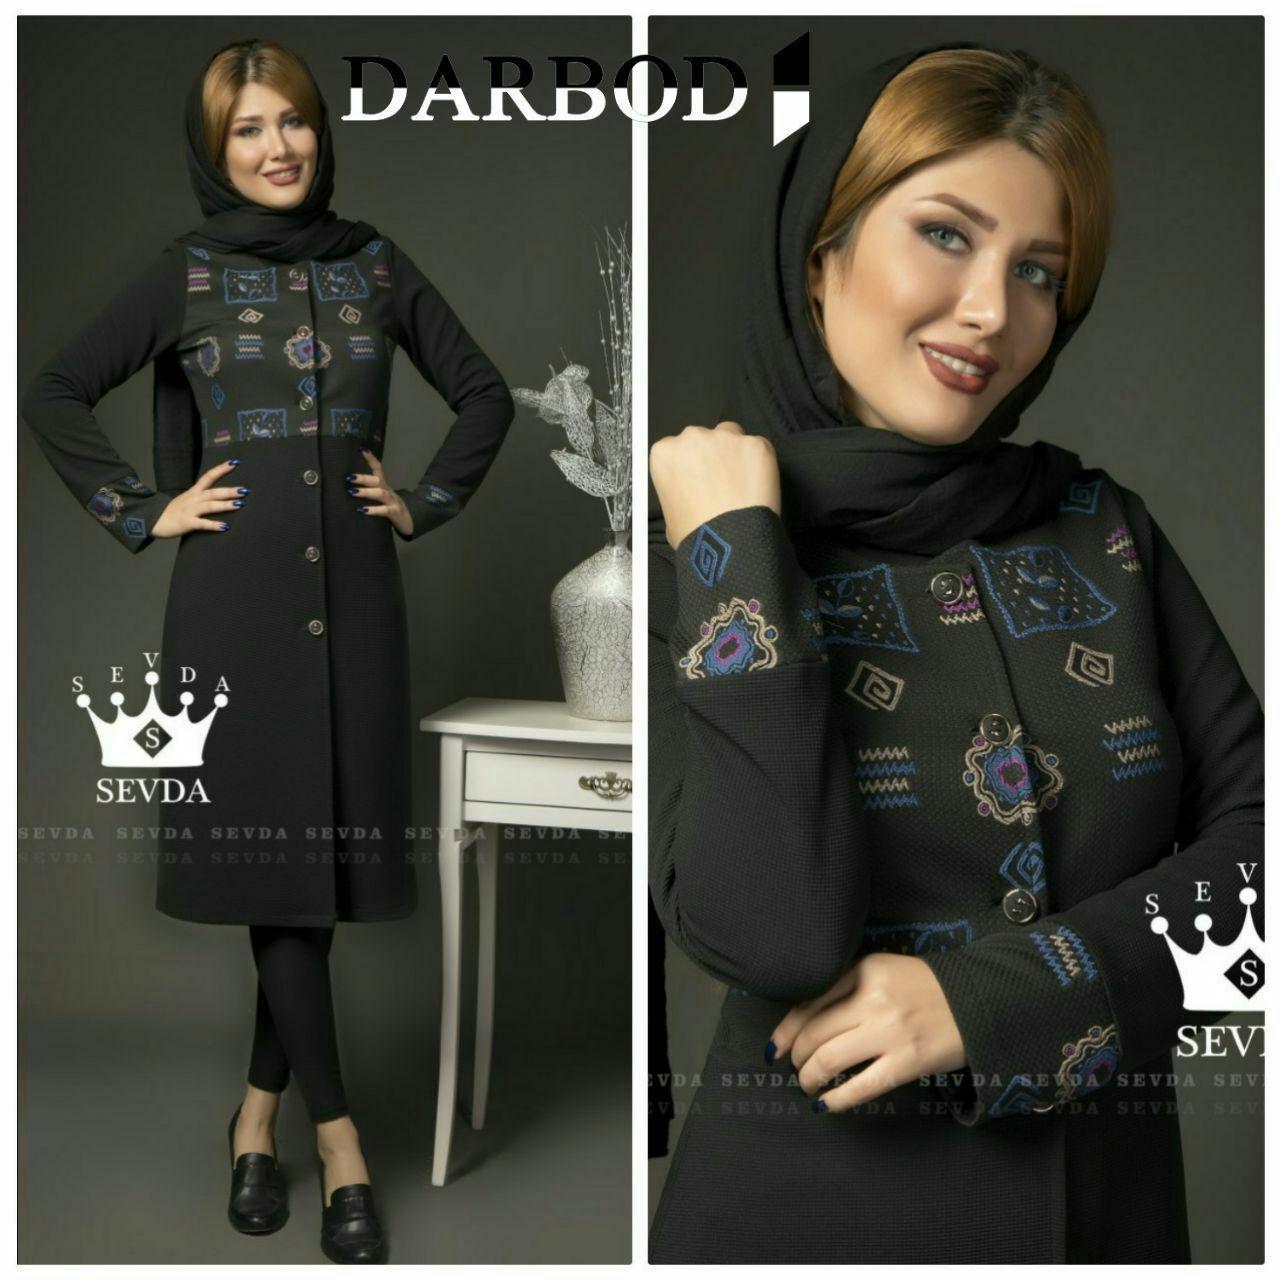 کانال تلگرام مزون و خرید آنلاین لباس شیک مجلسی و مانتو کانال تلگرام لباس ایرانی از اینستاگرام